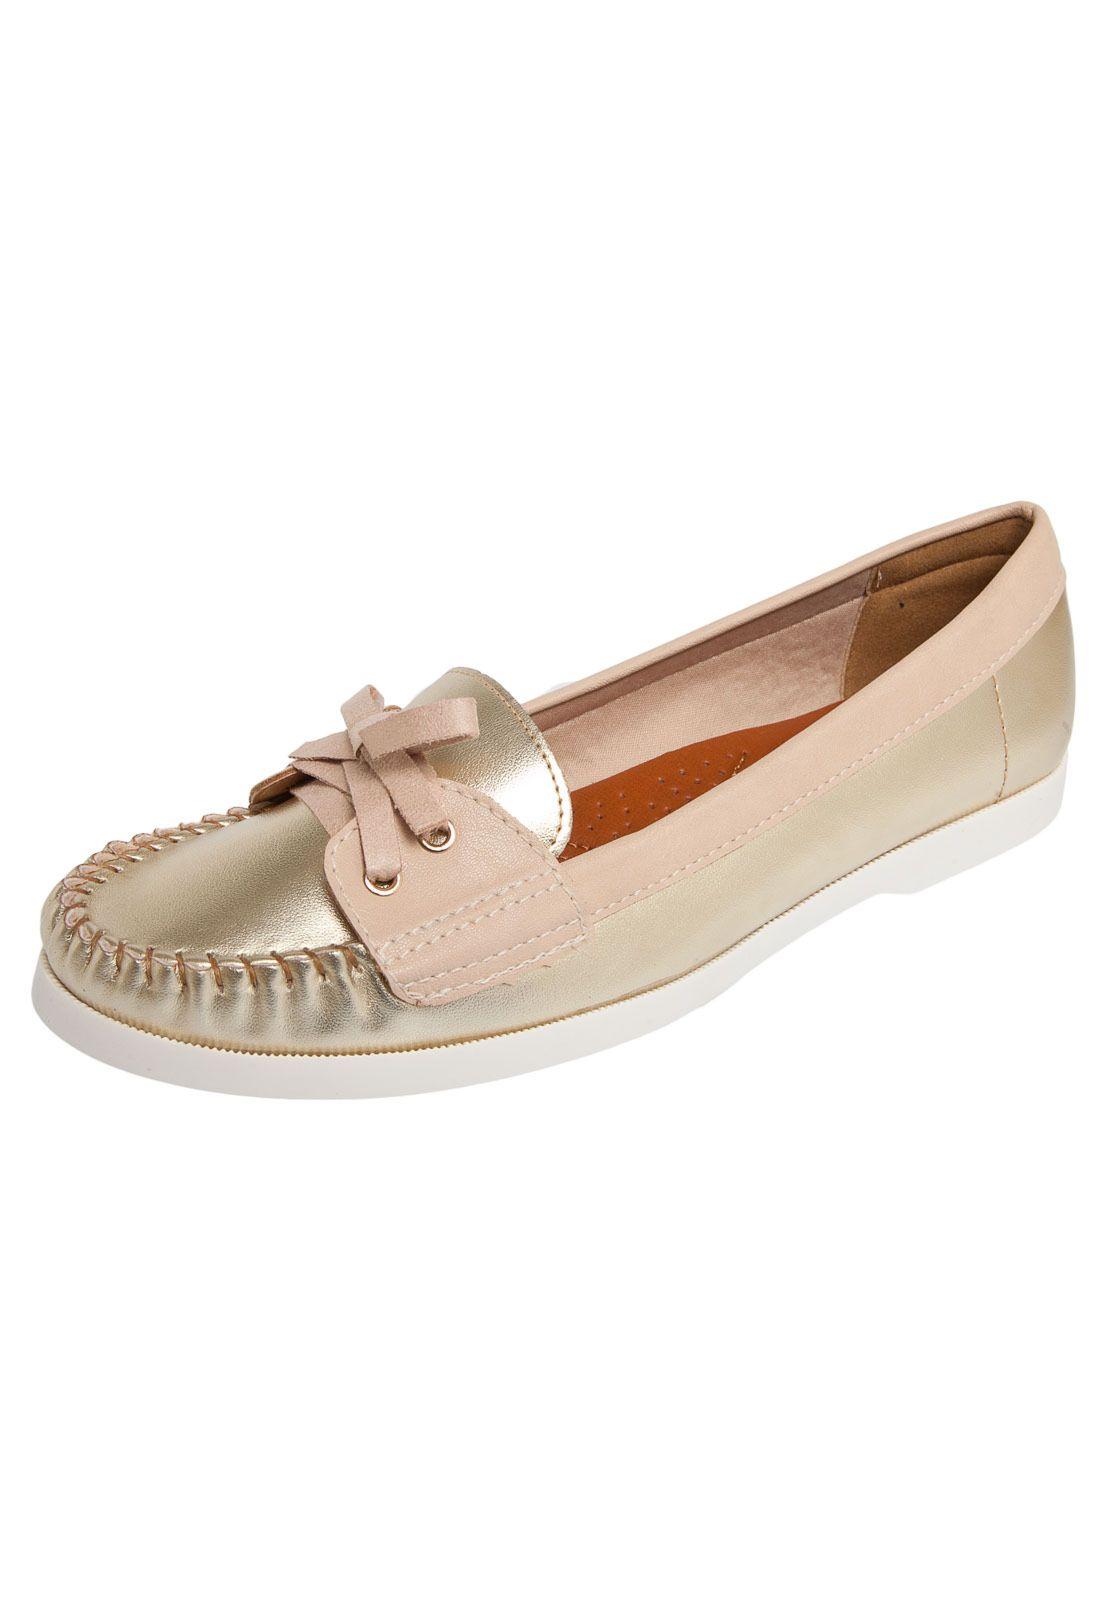 cd91581418 Mocassim Bebecê Sider Dourado - R 99 Sapatos Infantis